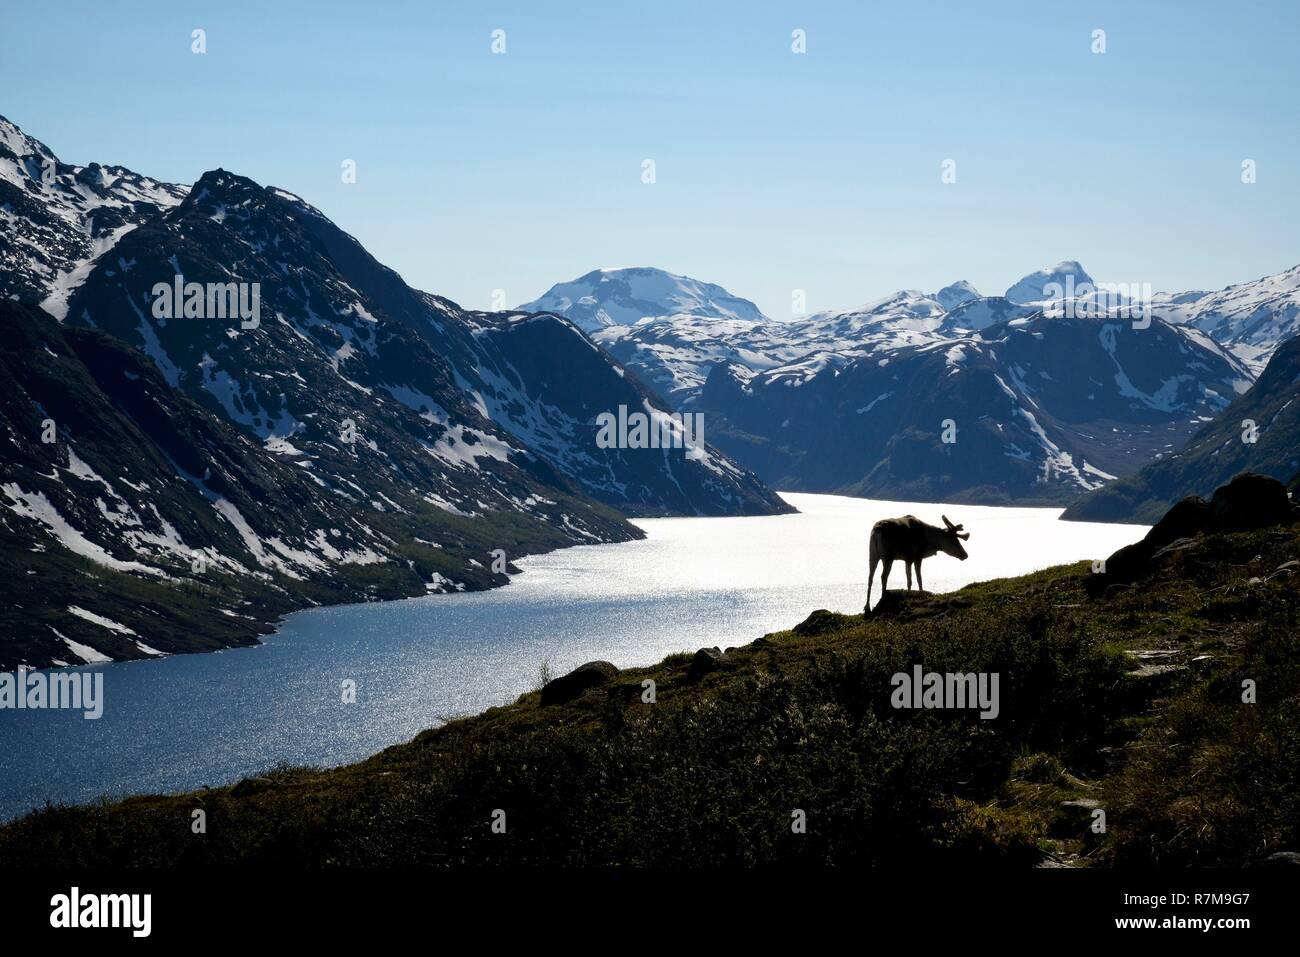 Norway, Oppland, Vaga, Jotunheimen National Park, Besseggen Ridge, reindeer in fromt of the Lake Gjende - Stock Image